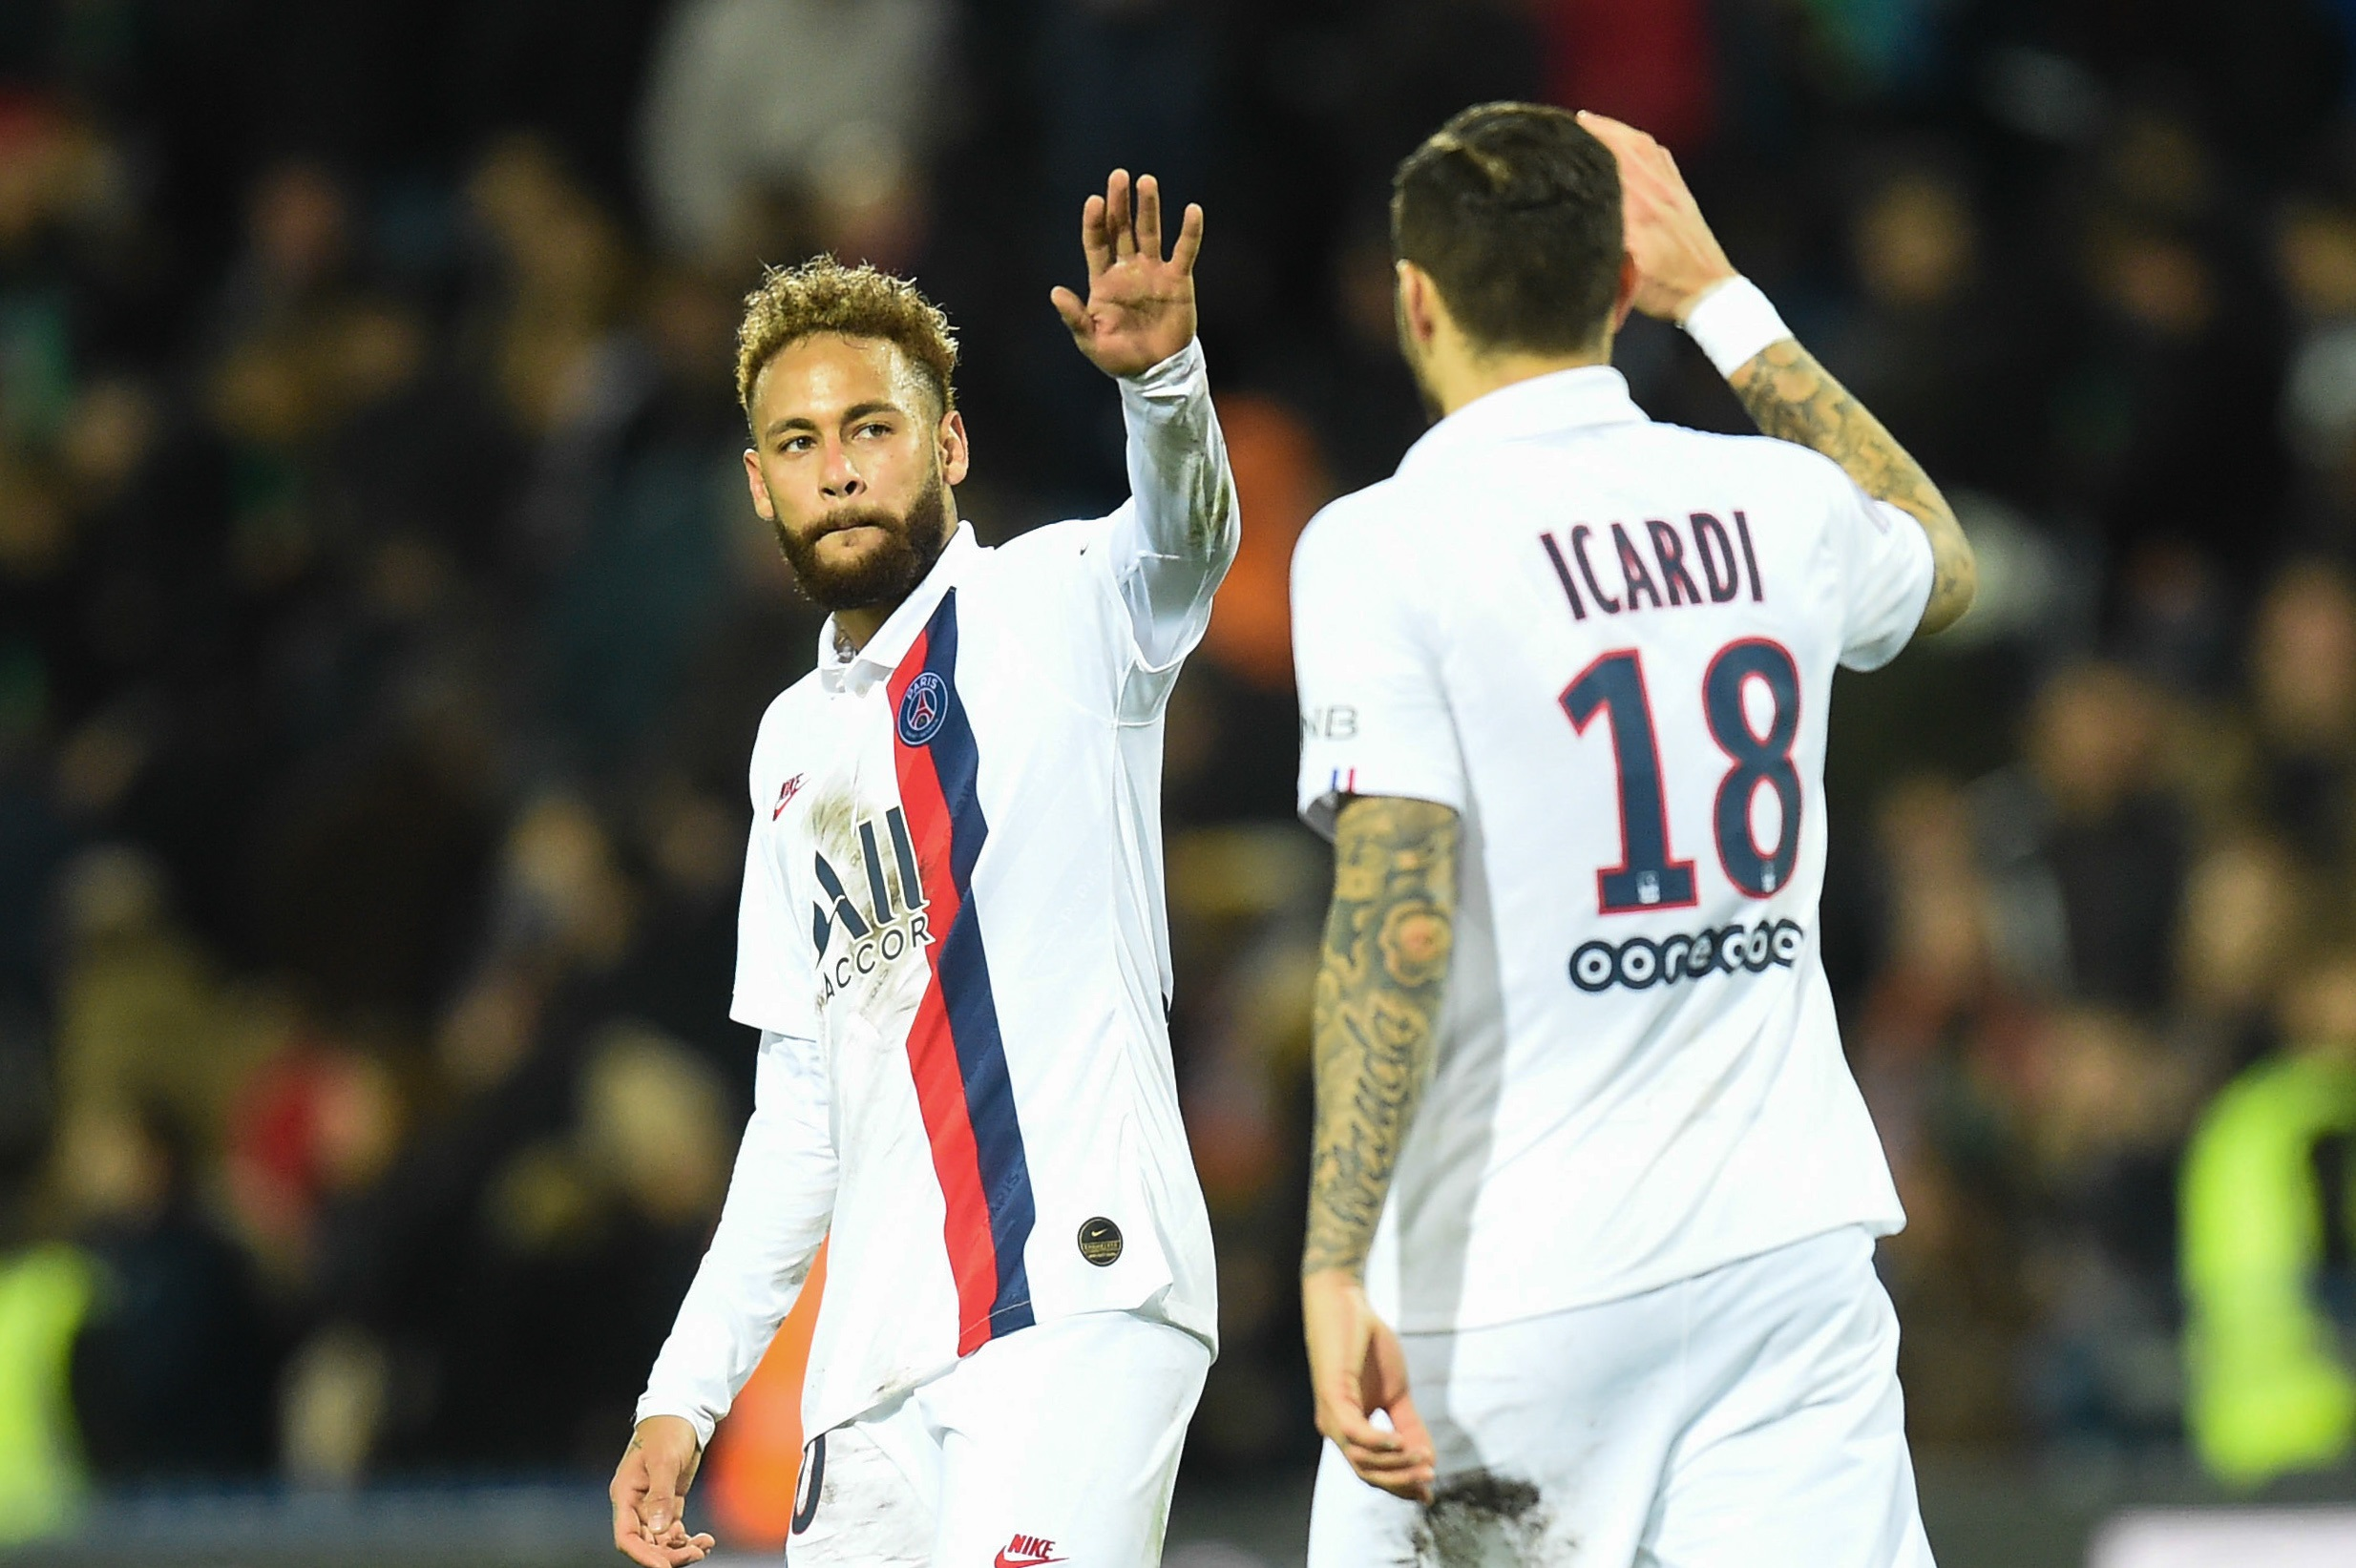 Neymar espère jouer lors de Monaco/PSG, Verratti et Icardi aussi d'après Le Parisien